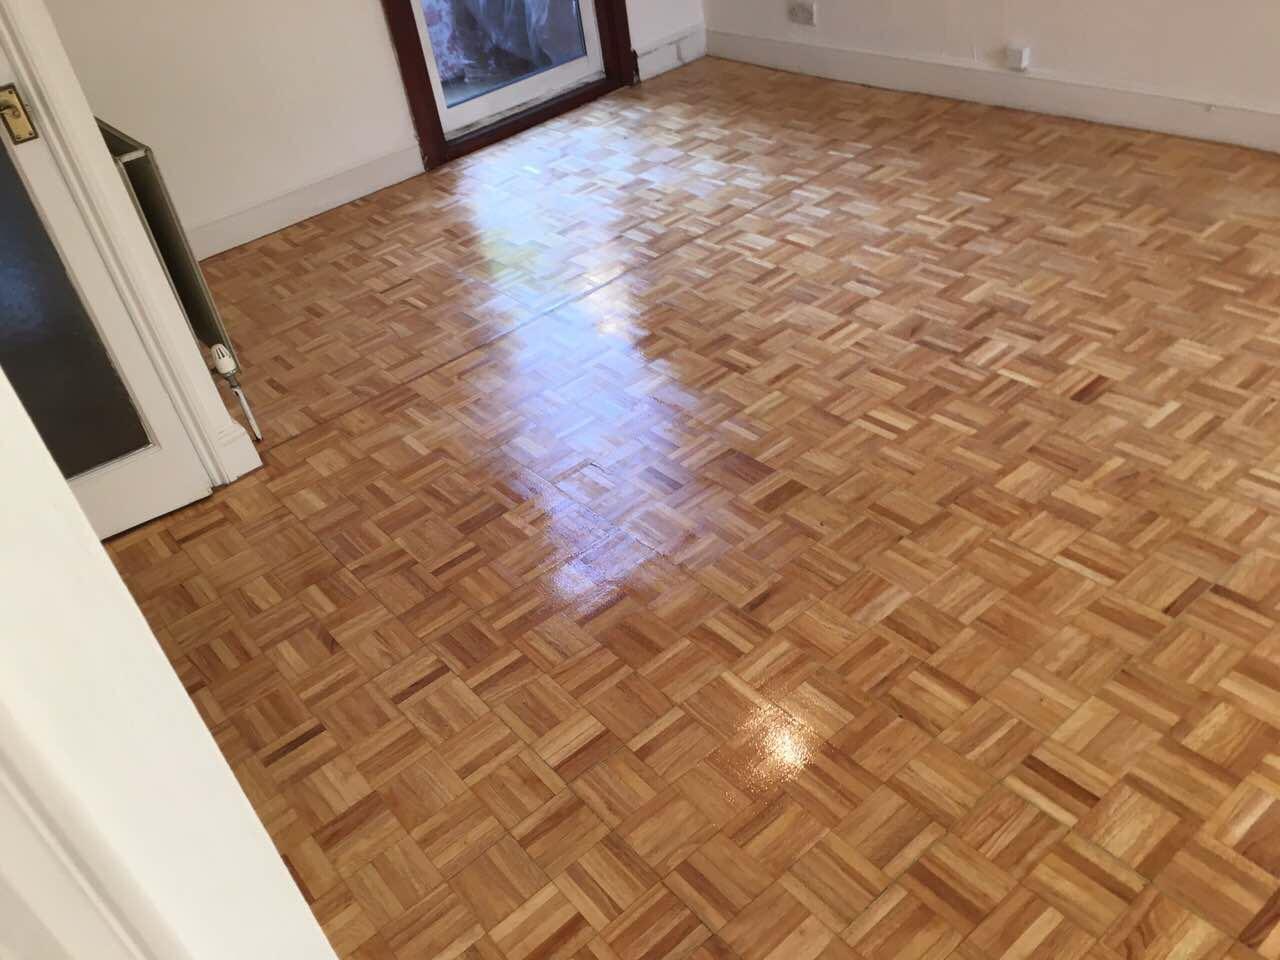 parquet-floor-sanding.jpg